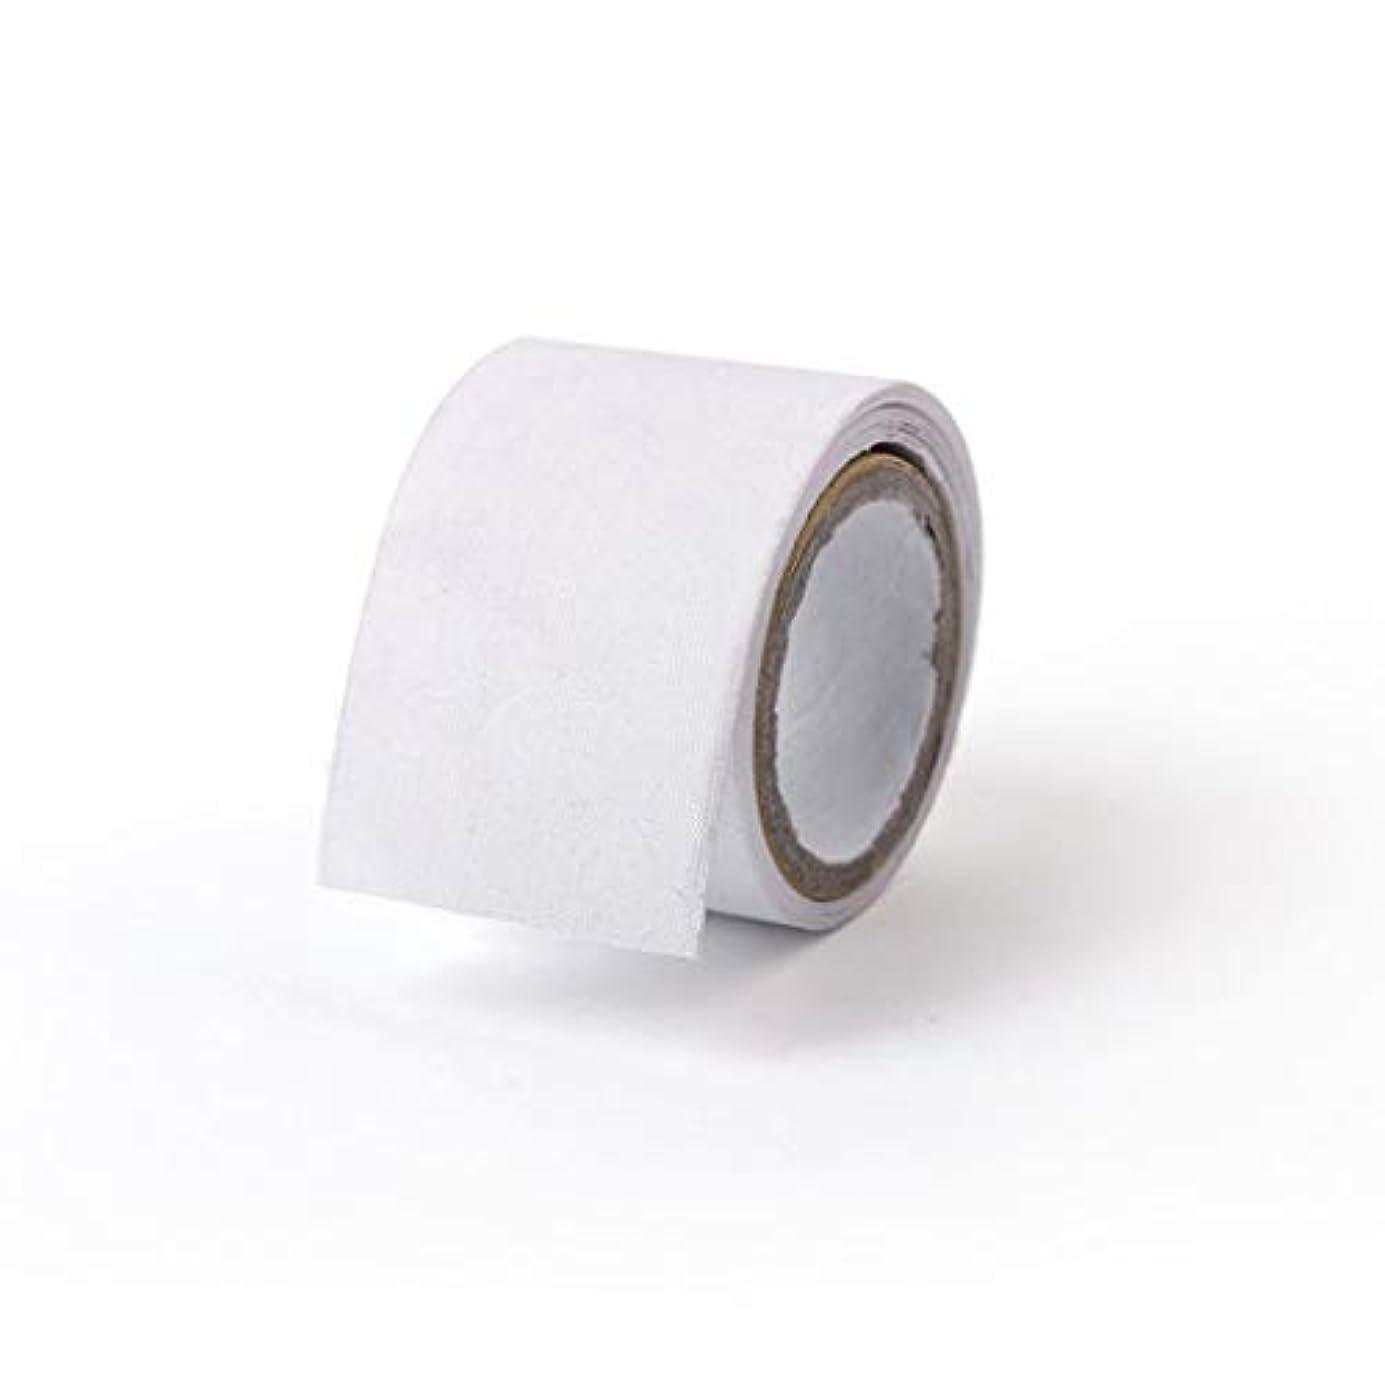 全体デザイナー光沢1st market マニキュアシルクネイルラップネイルアートセルフスティックツールは白1ロールが含まれています丈夫で便利